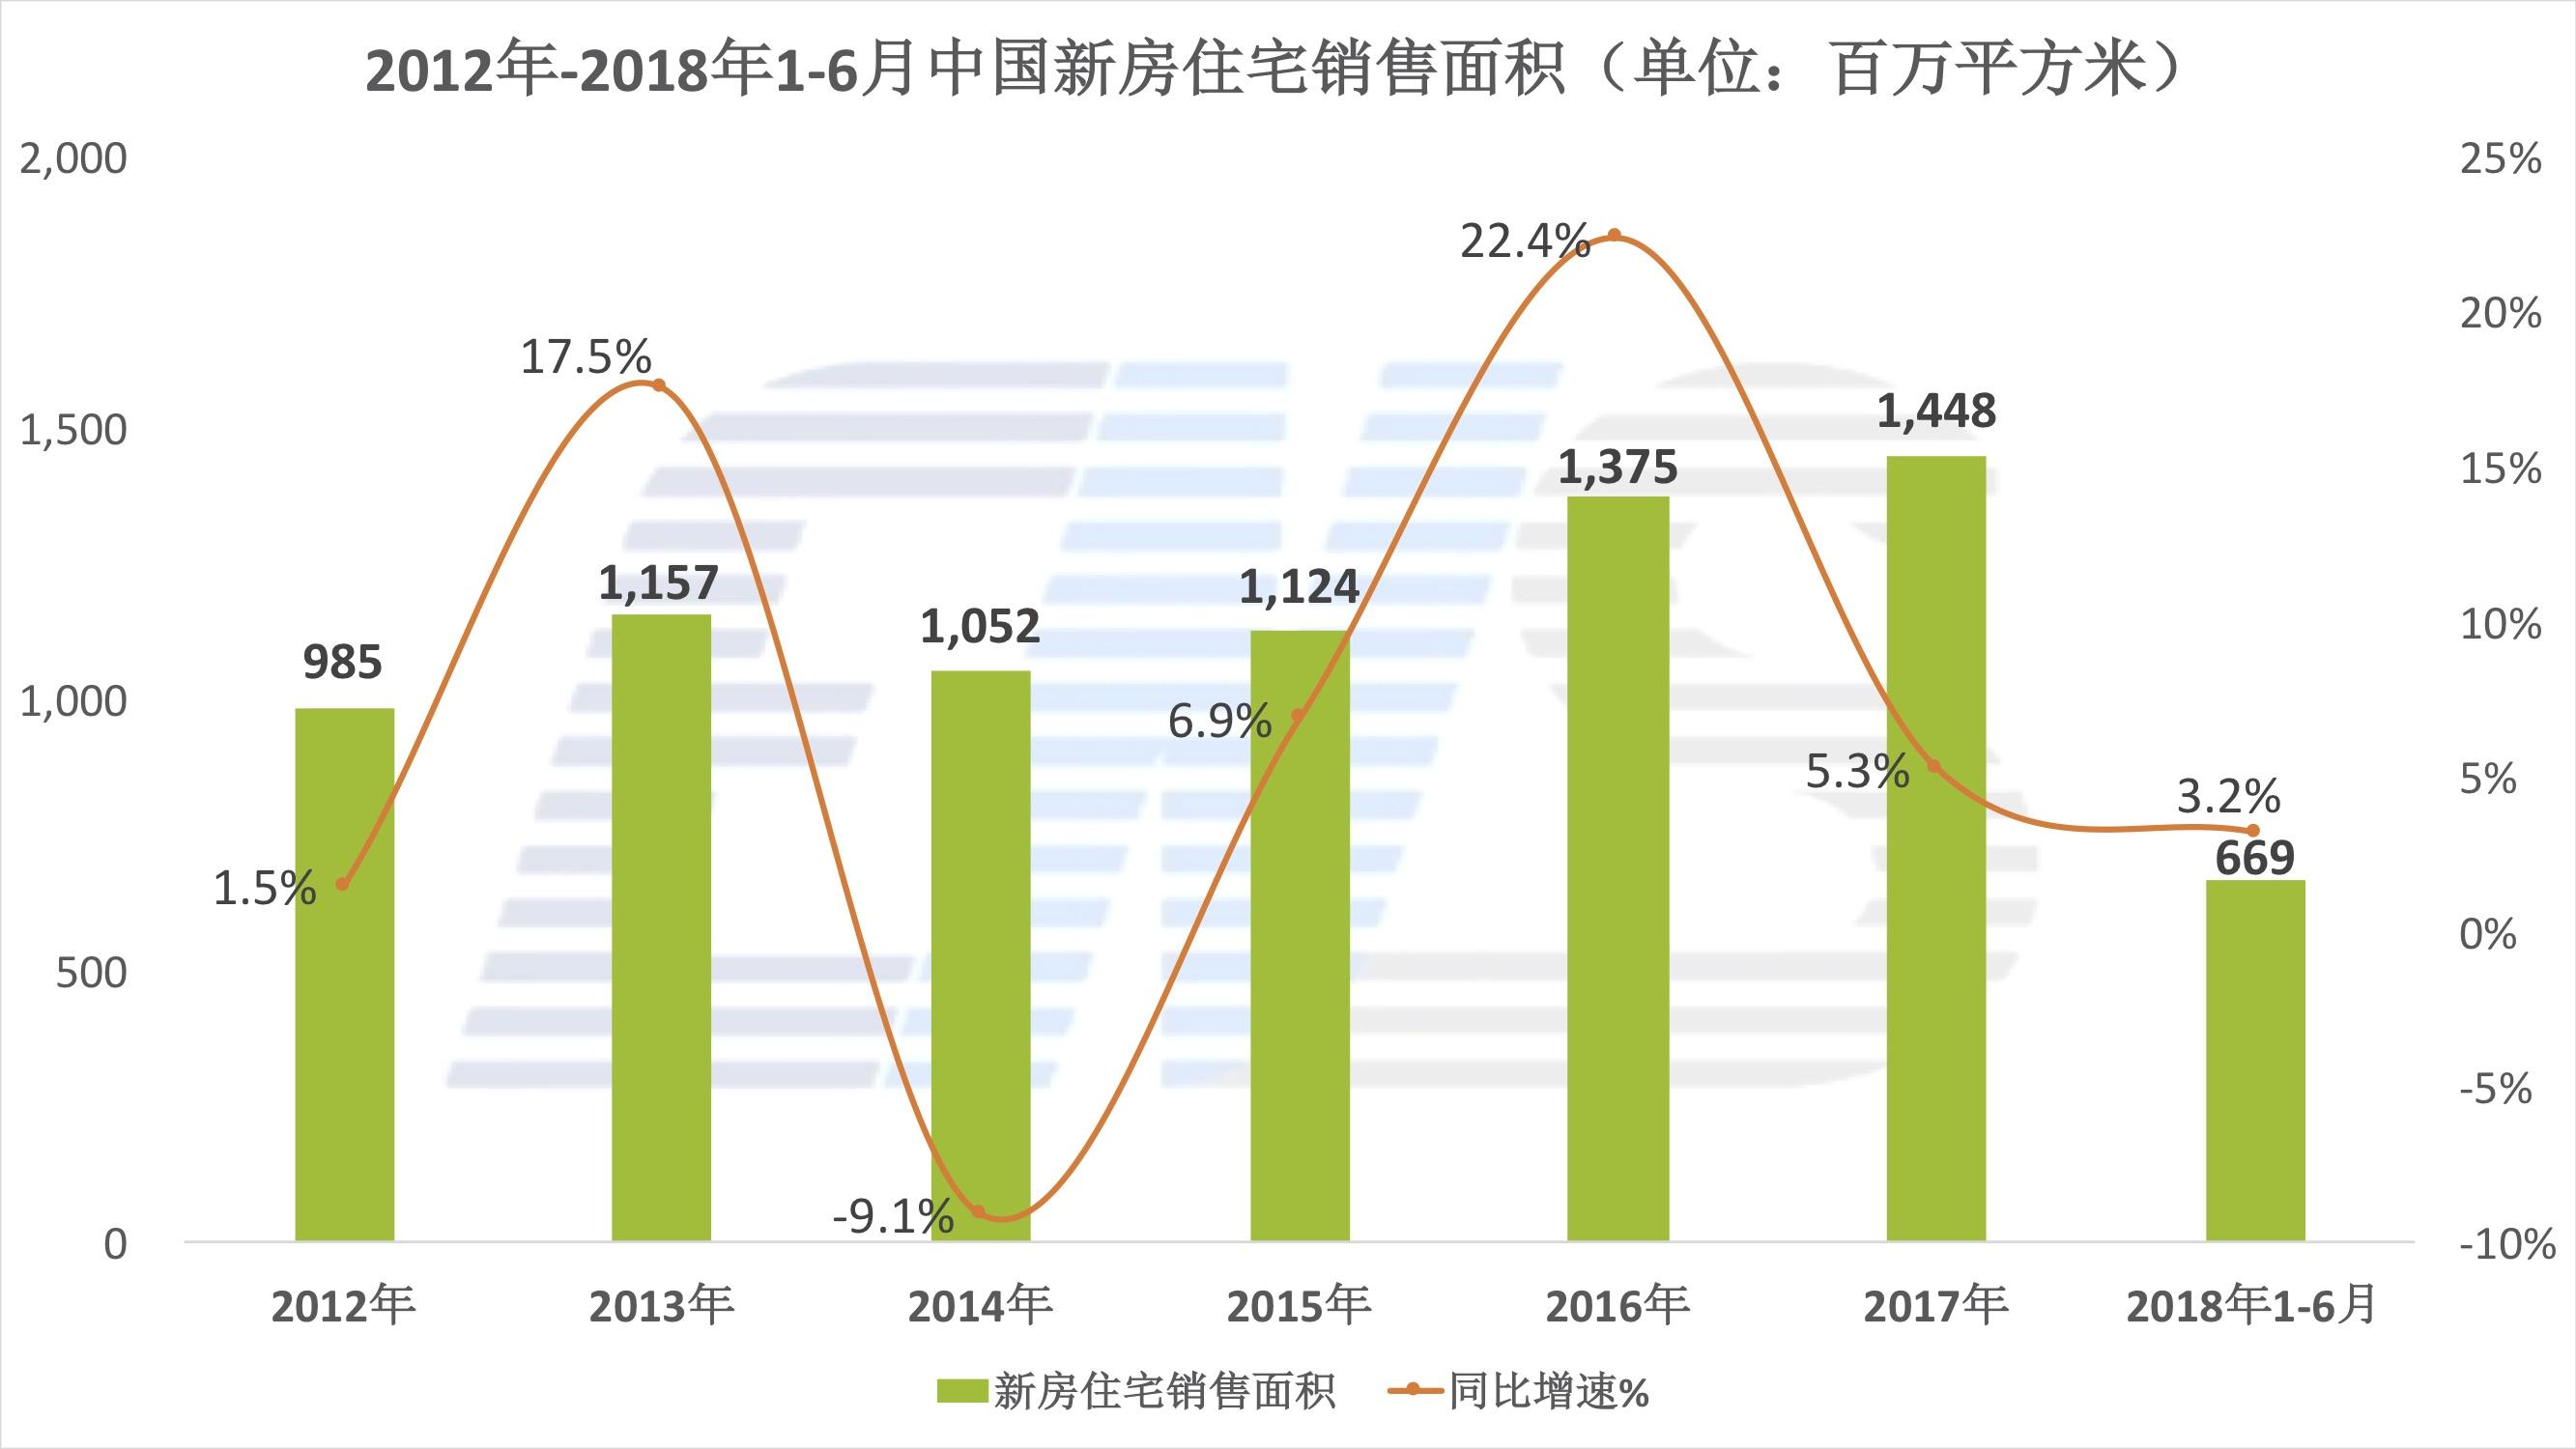 2012年-2018年新房住宅销售面积